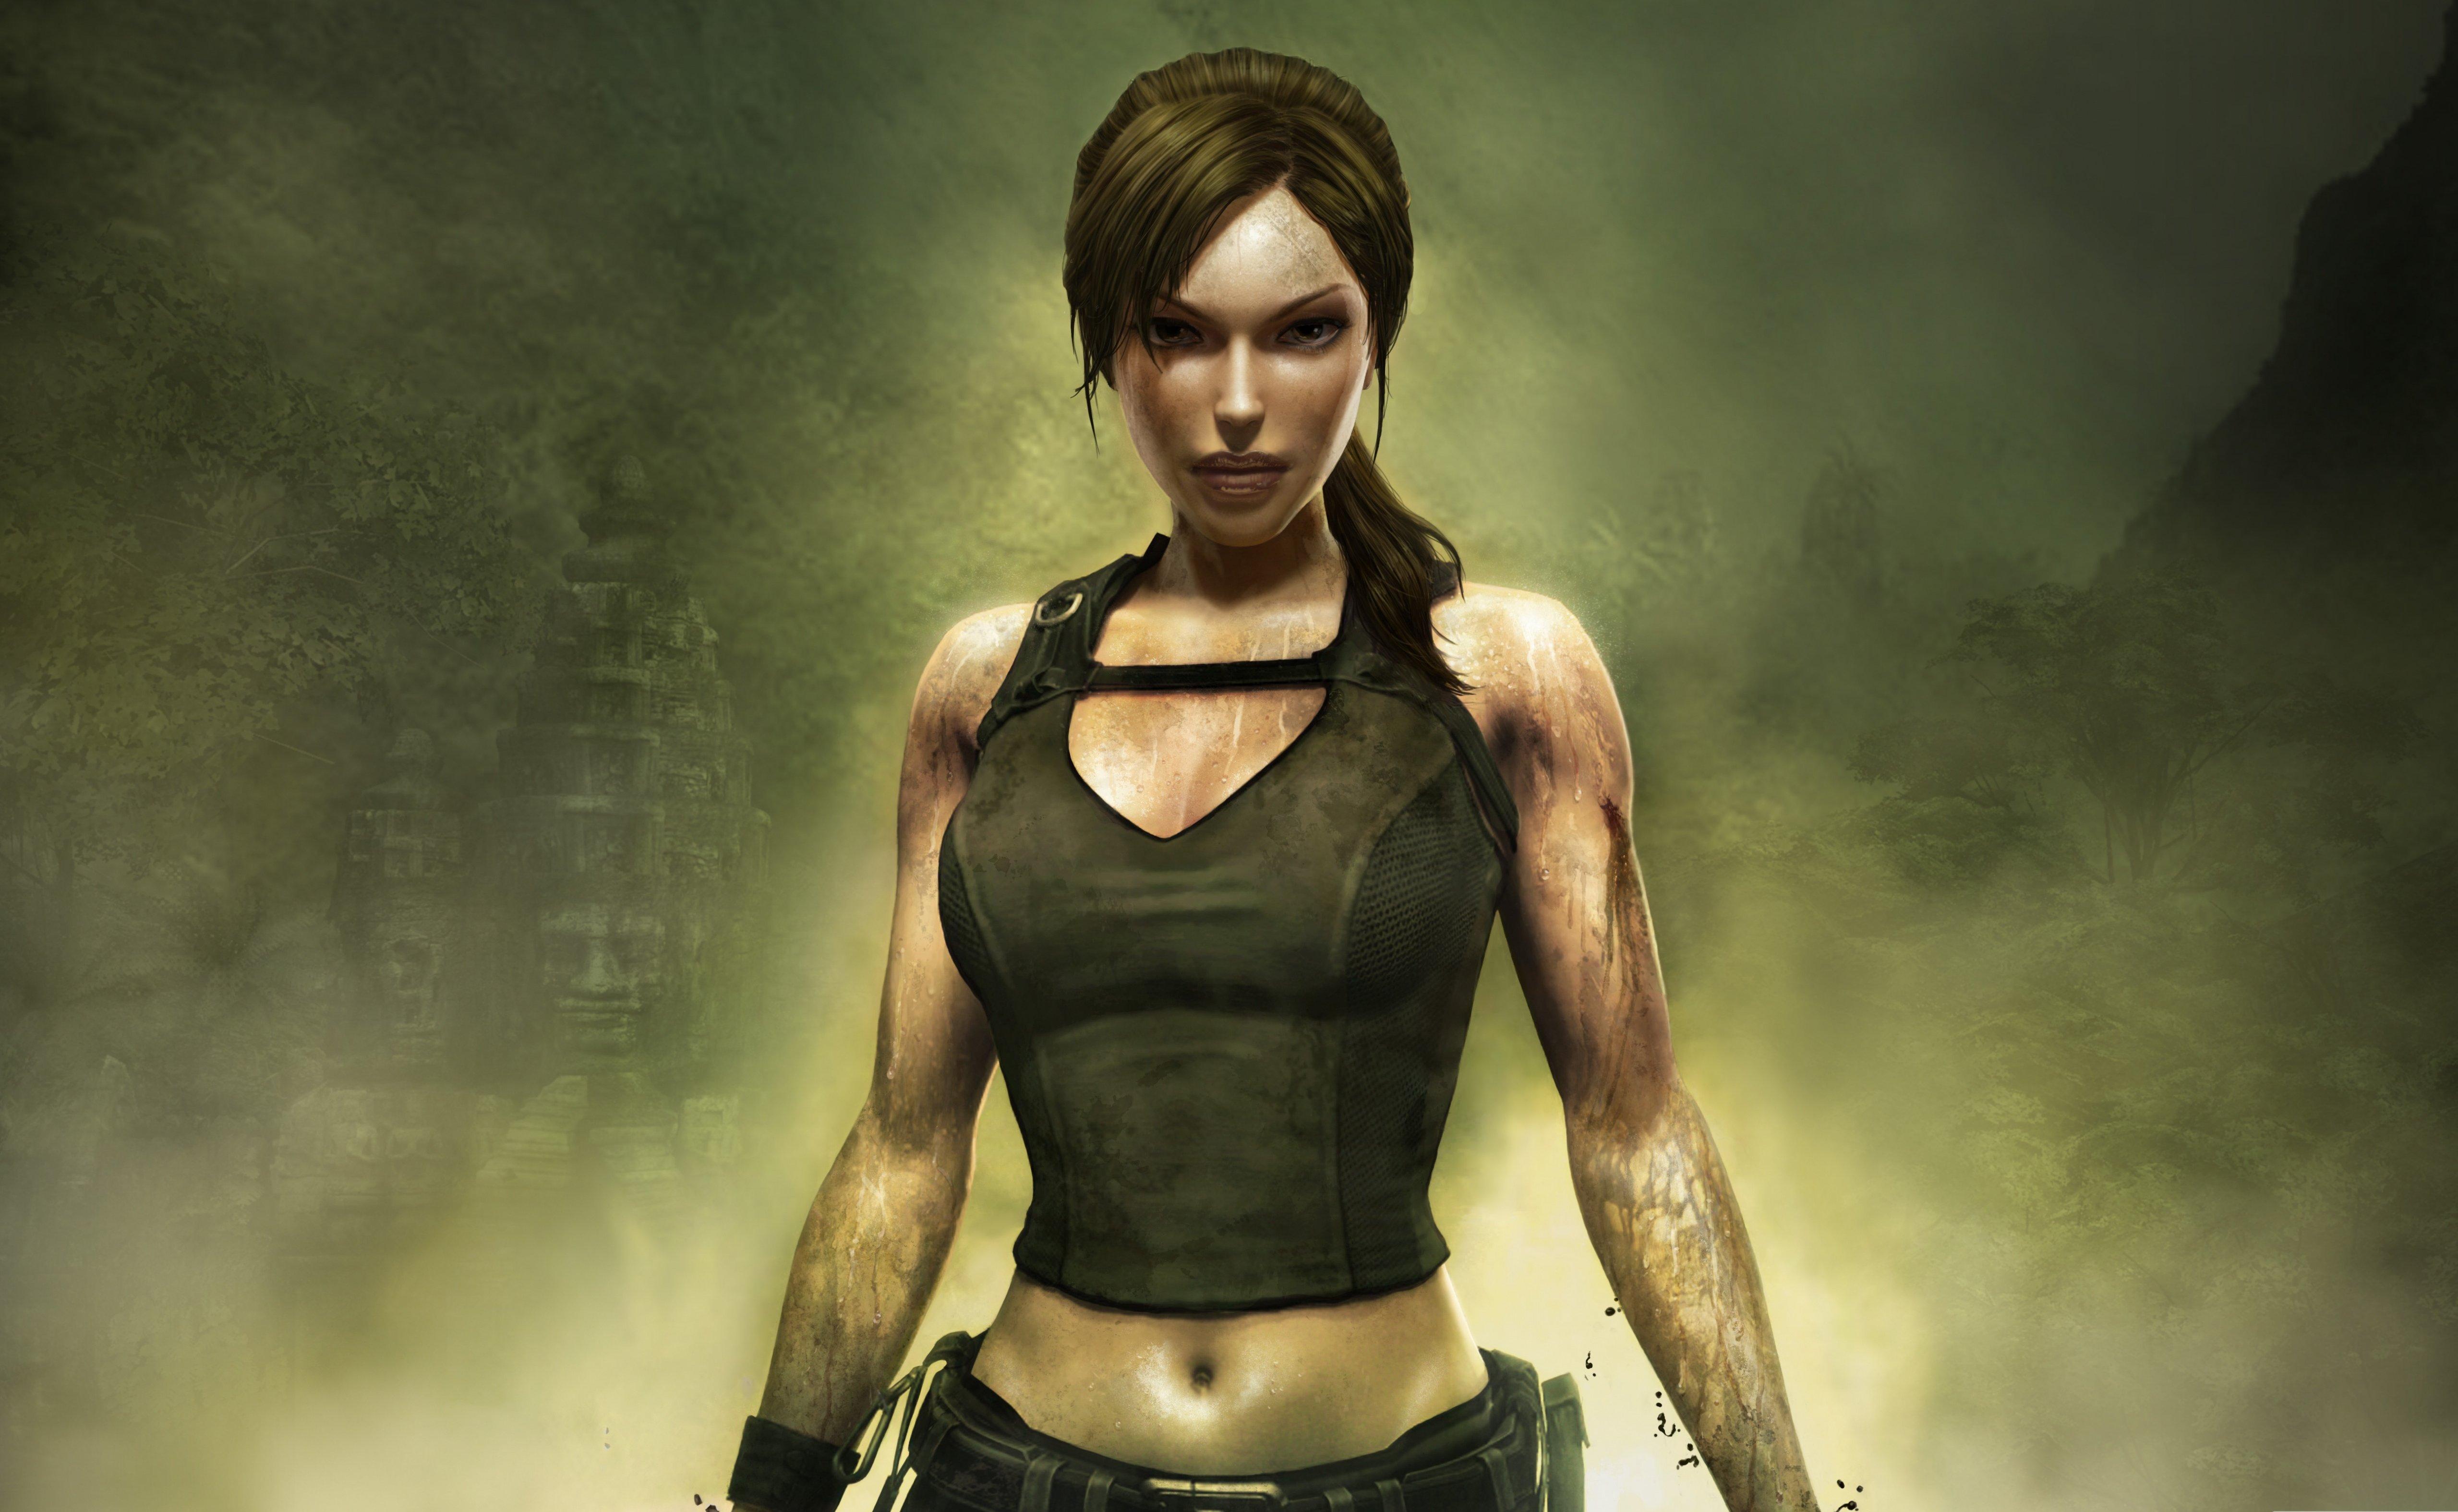 Przecena na całą serię Tomb Raider to idealna okazja, aby zapoznać się z historią Lary Croft